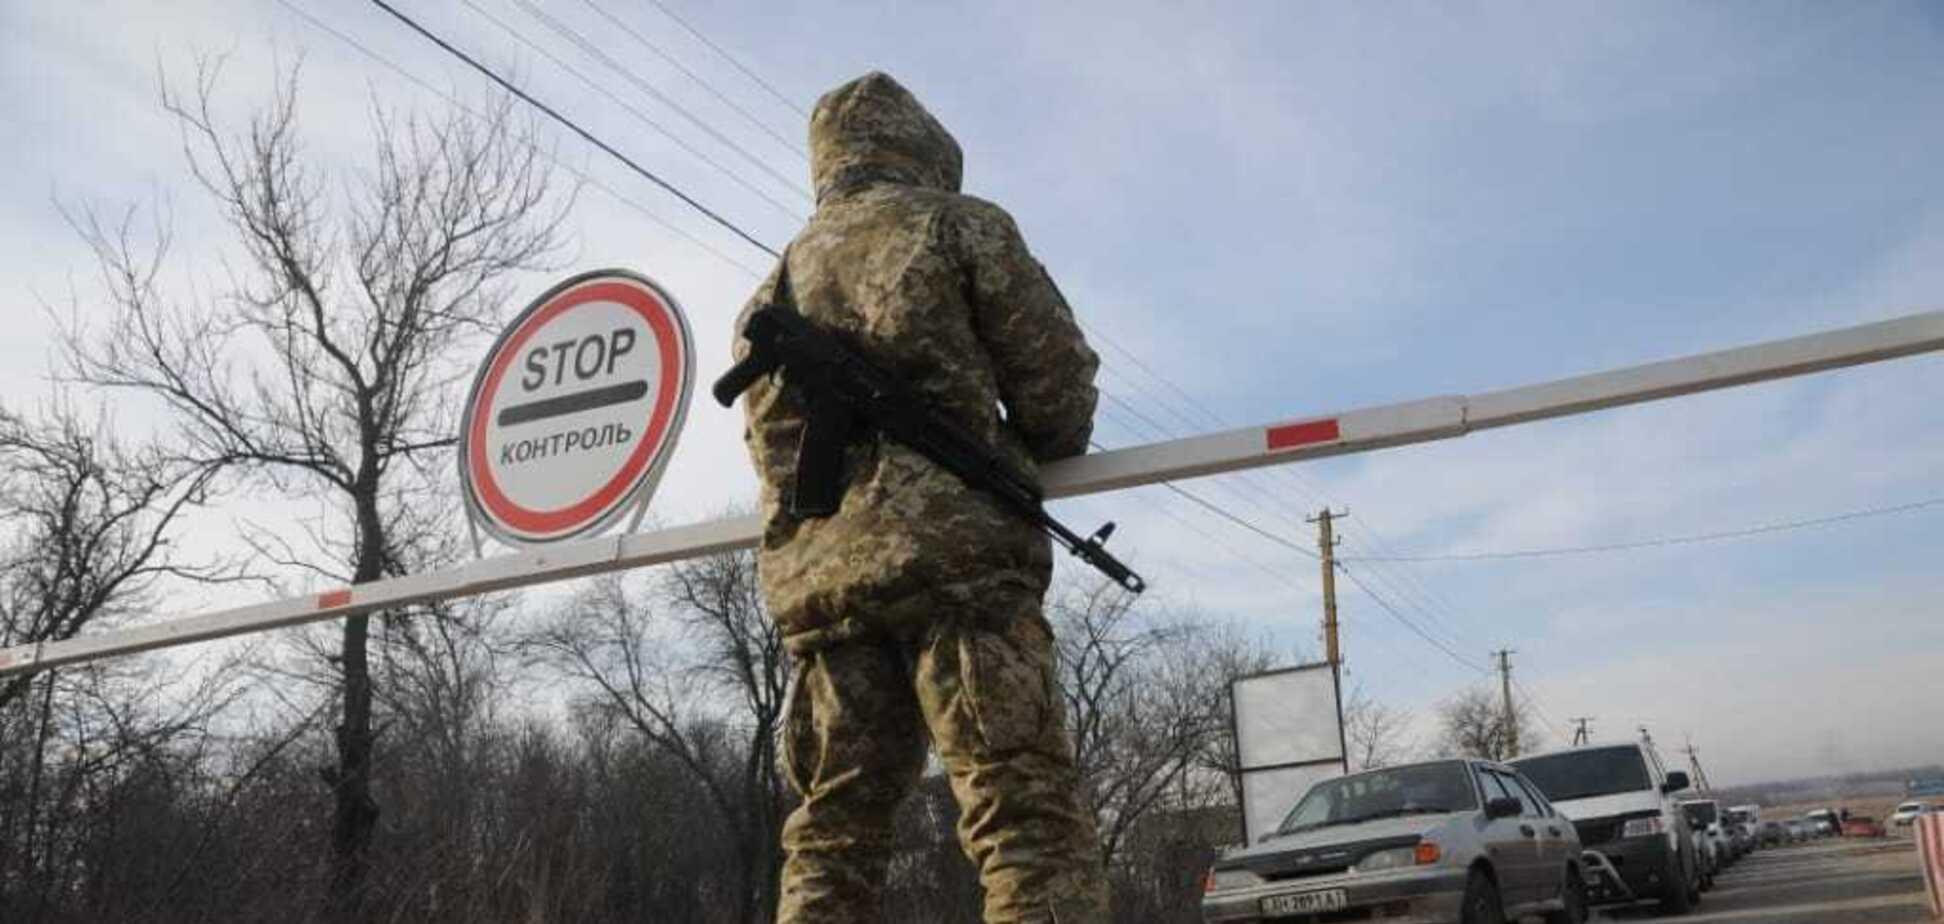 Це спричинить подальшу ізоляцію мешканців Донбасу